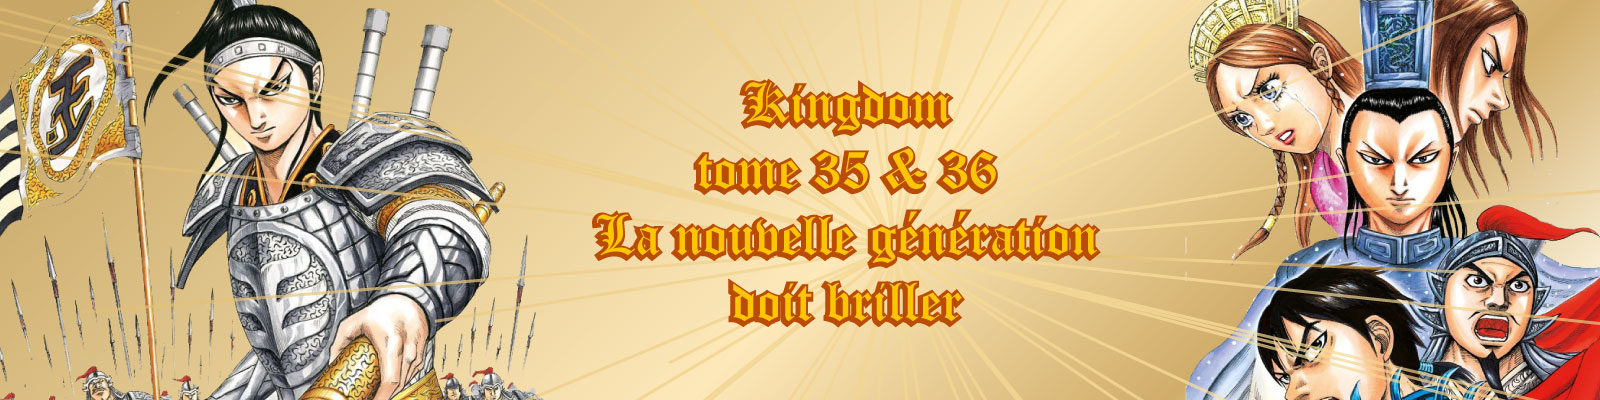 Kingdom T35 & 36